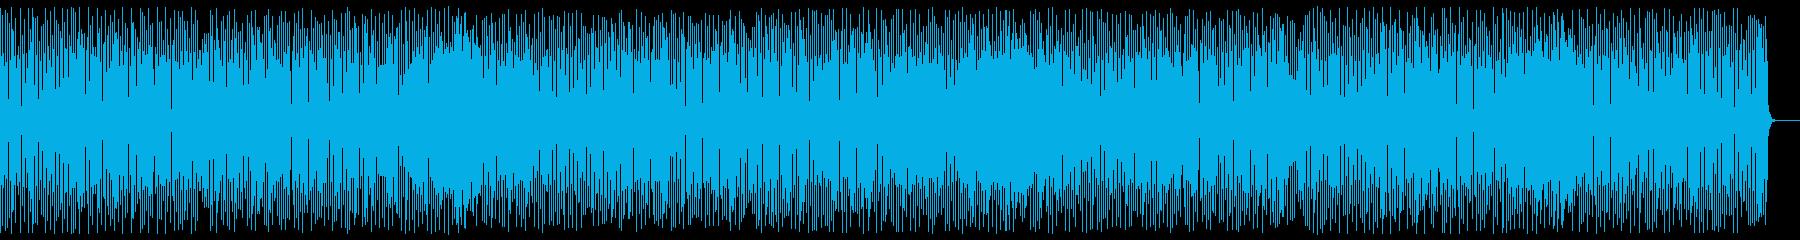 疾走感のある情熱的なジプシージャズの再生済みの波形